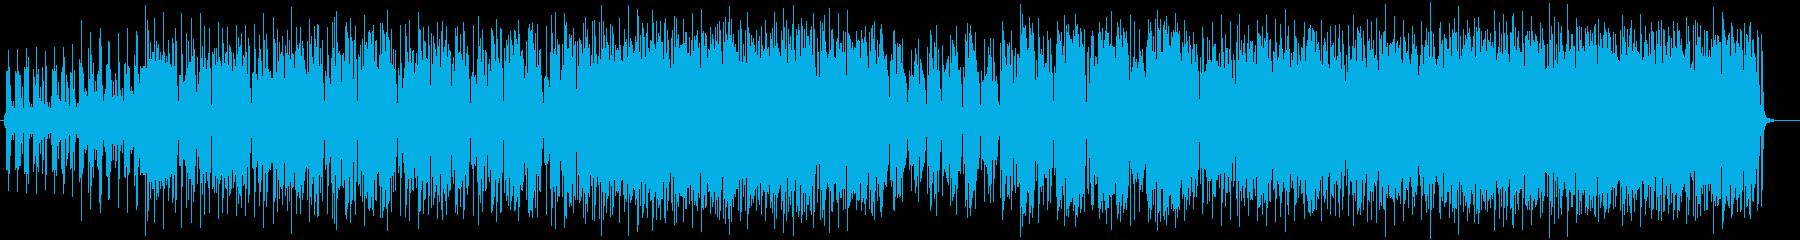 味のある笛のメロディーと渋い低音のリズムの再生済みの波形